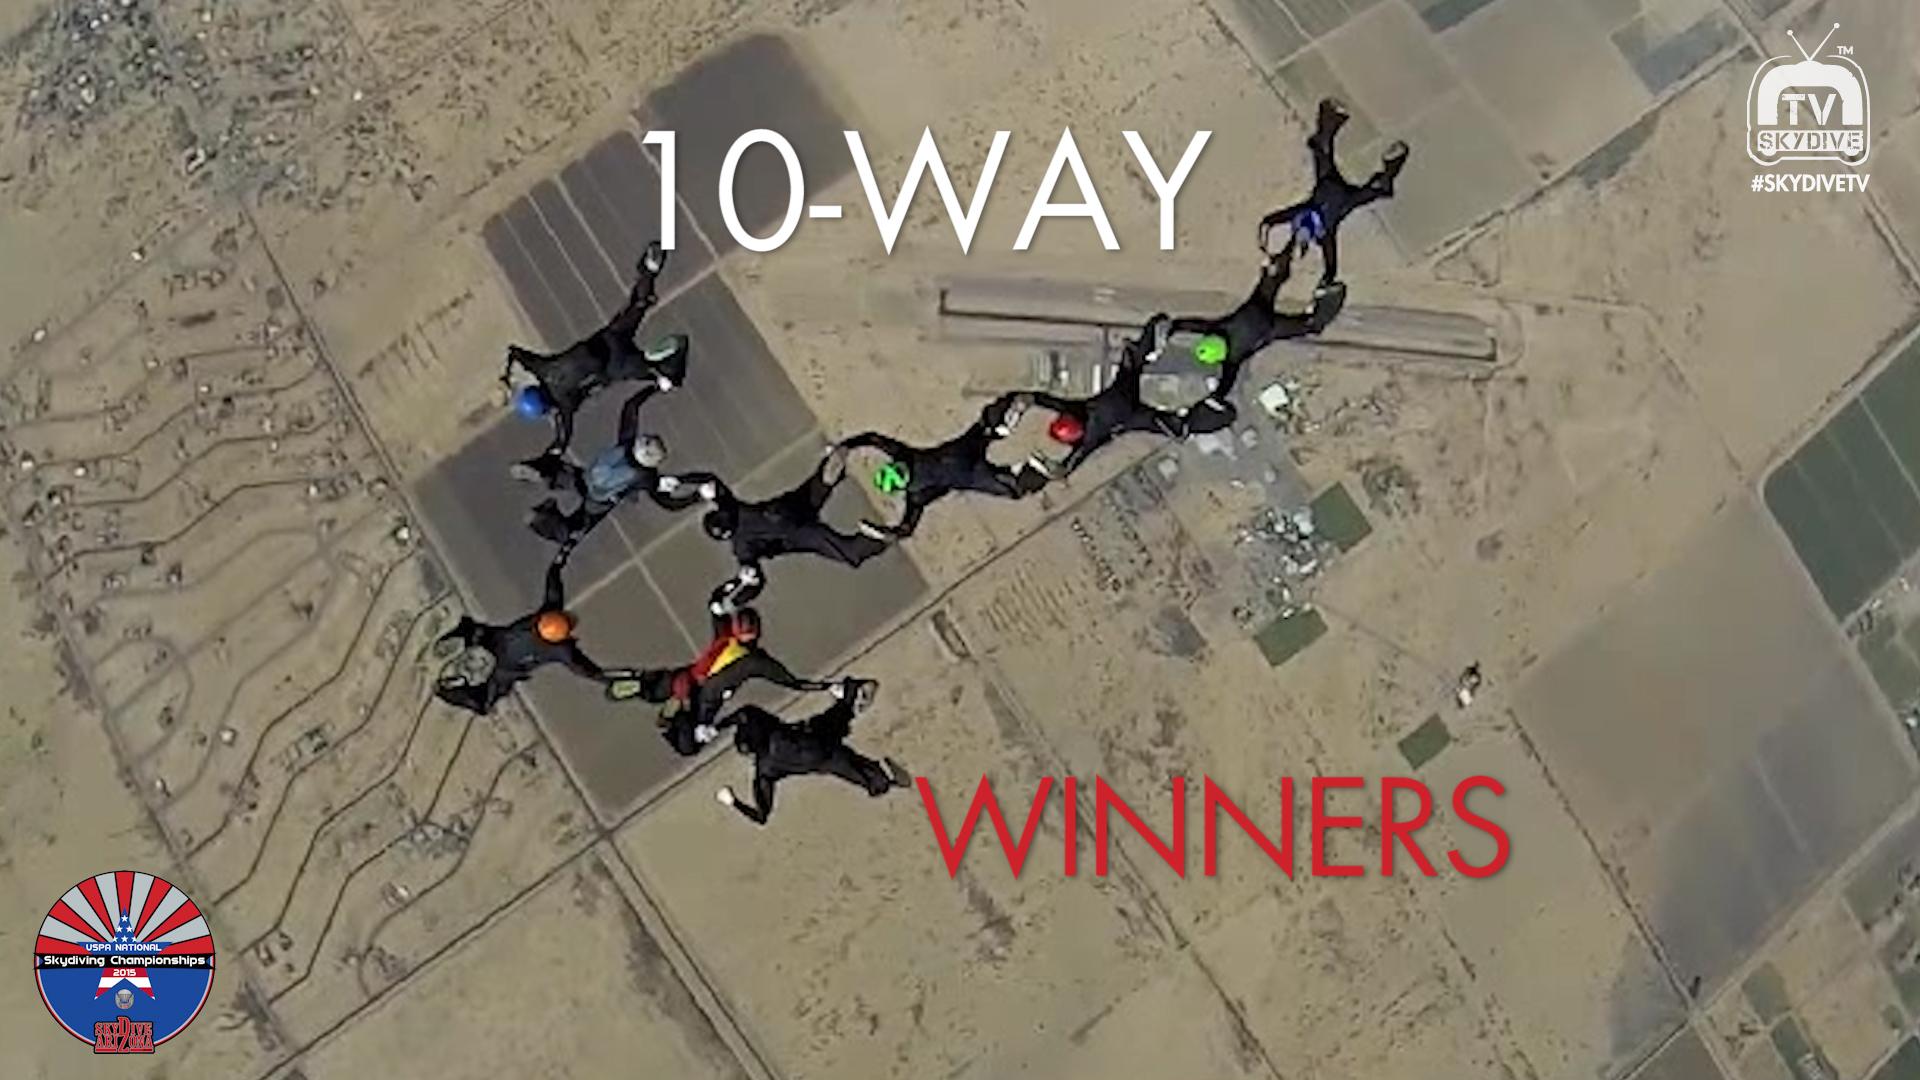 10-WAY Rewards